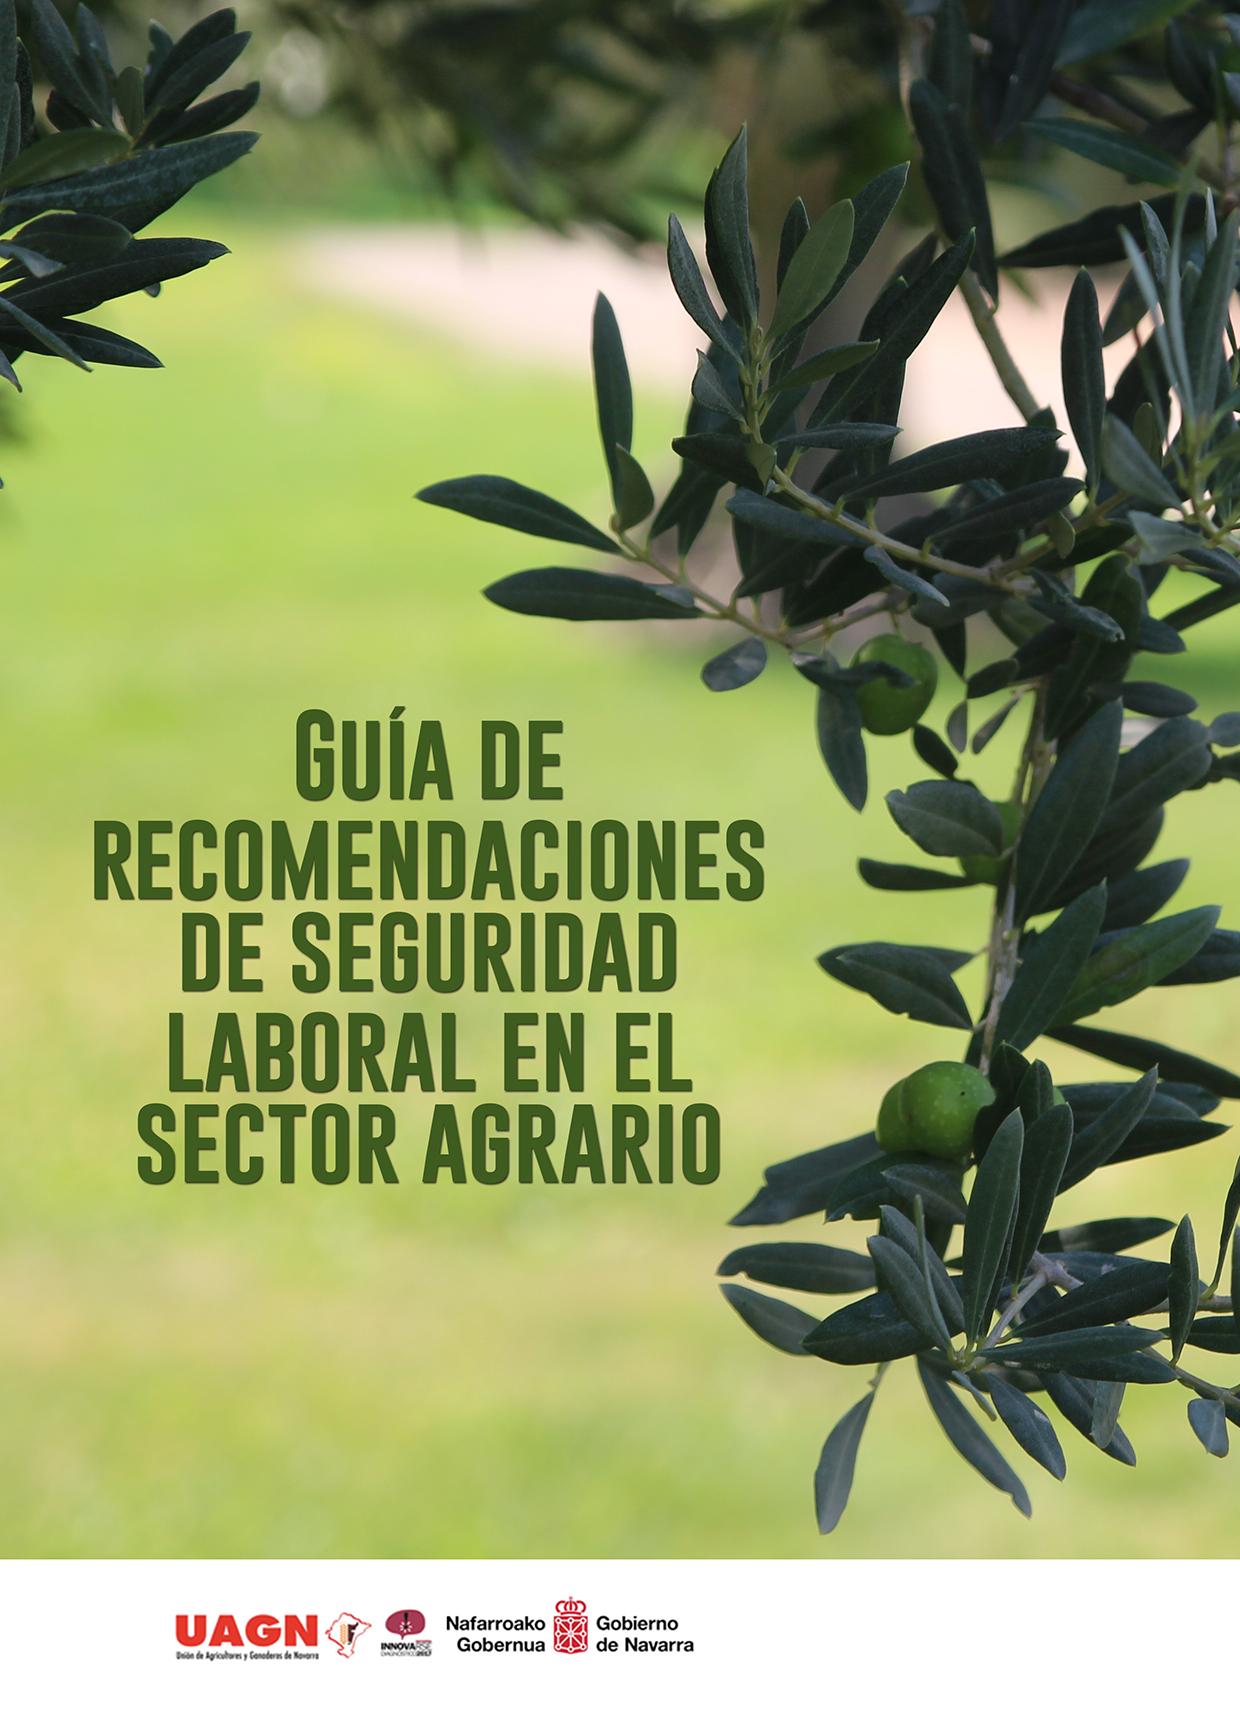 Guía de recomendaciones de seguridad laboral en el sector agrario